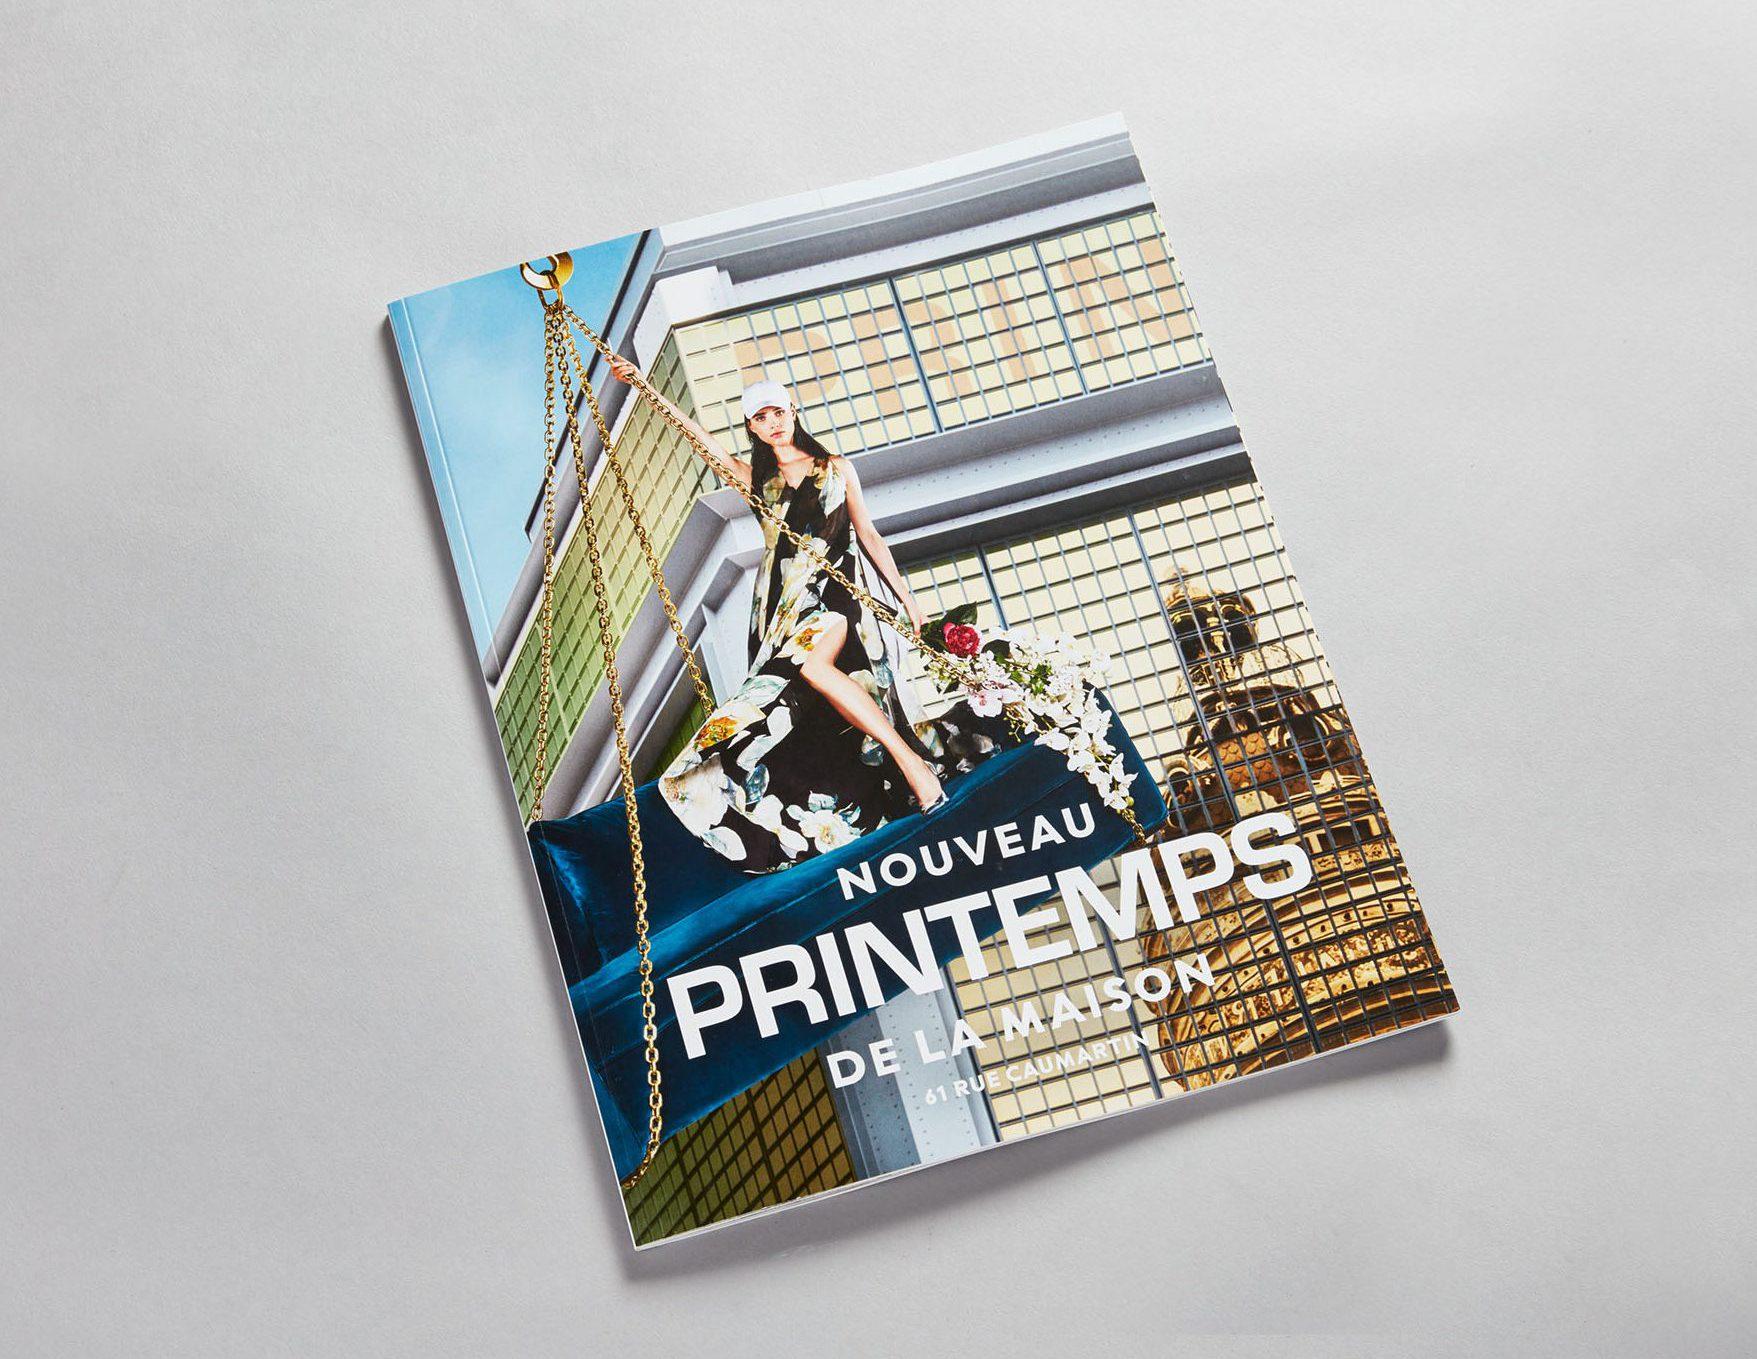 PRINTEMPS Catalogue Maison 2017 Déco Décoration Design Icône Mobilier Printemps Haussmann